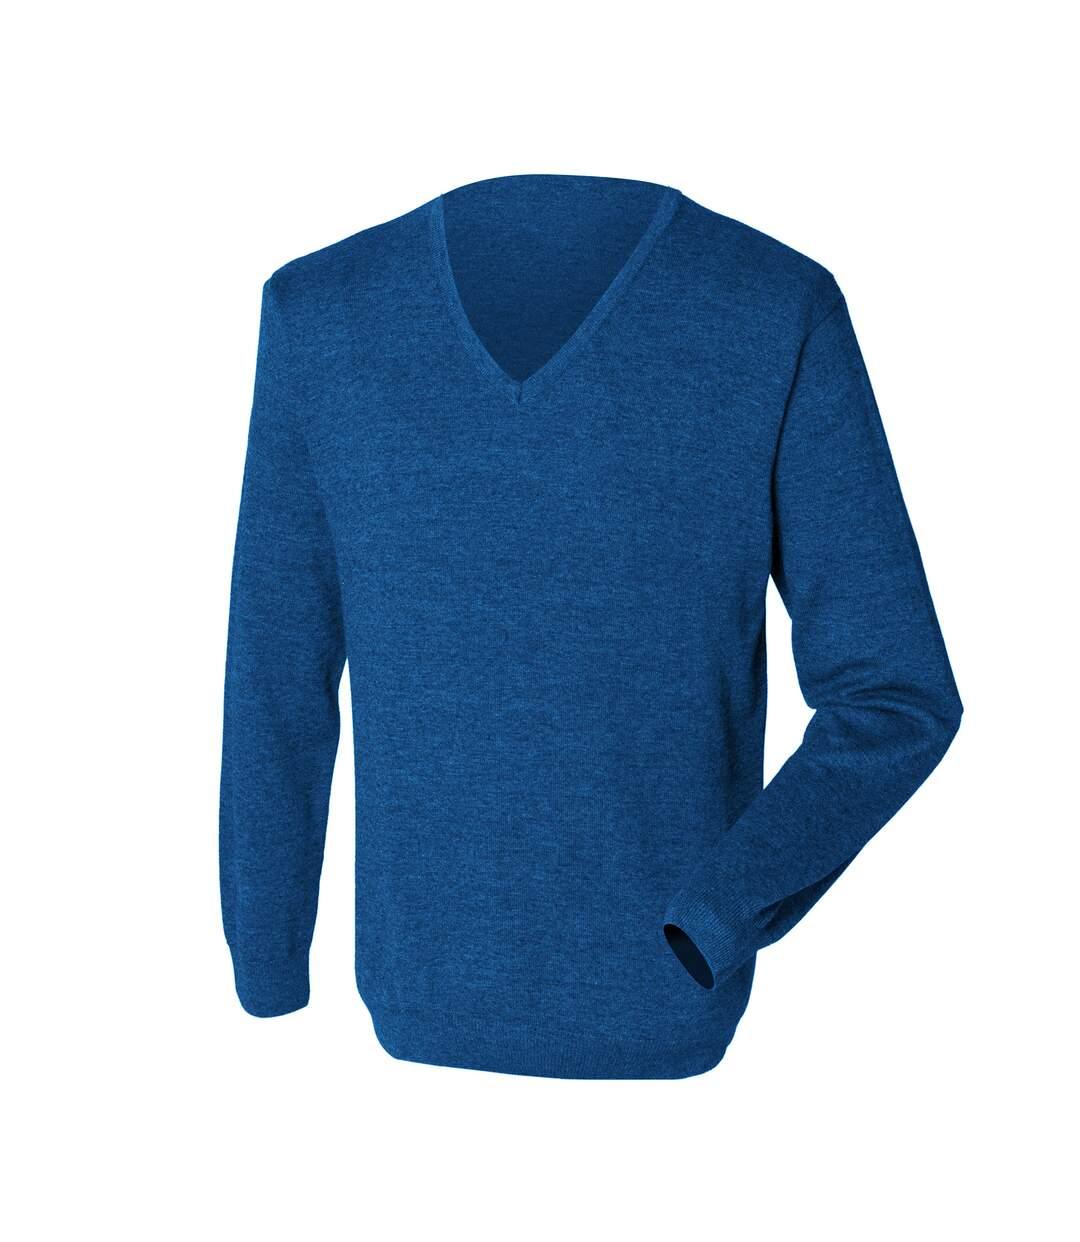 Henbury - Pullover avec col en V - Homme (Bleu roi) - UTRW659